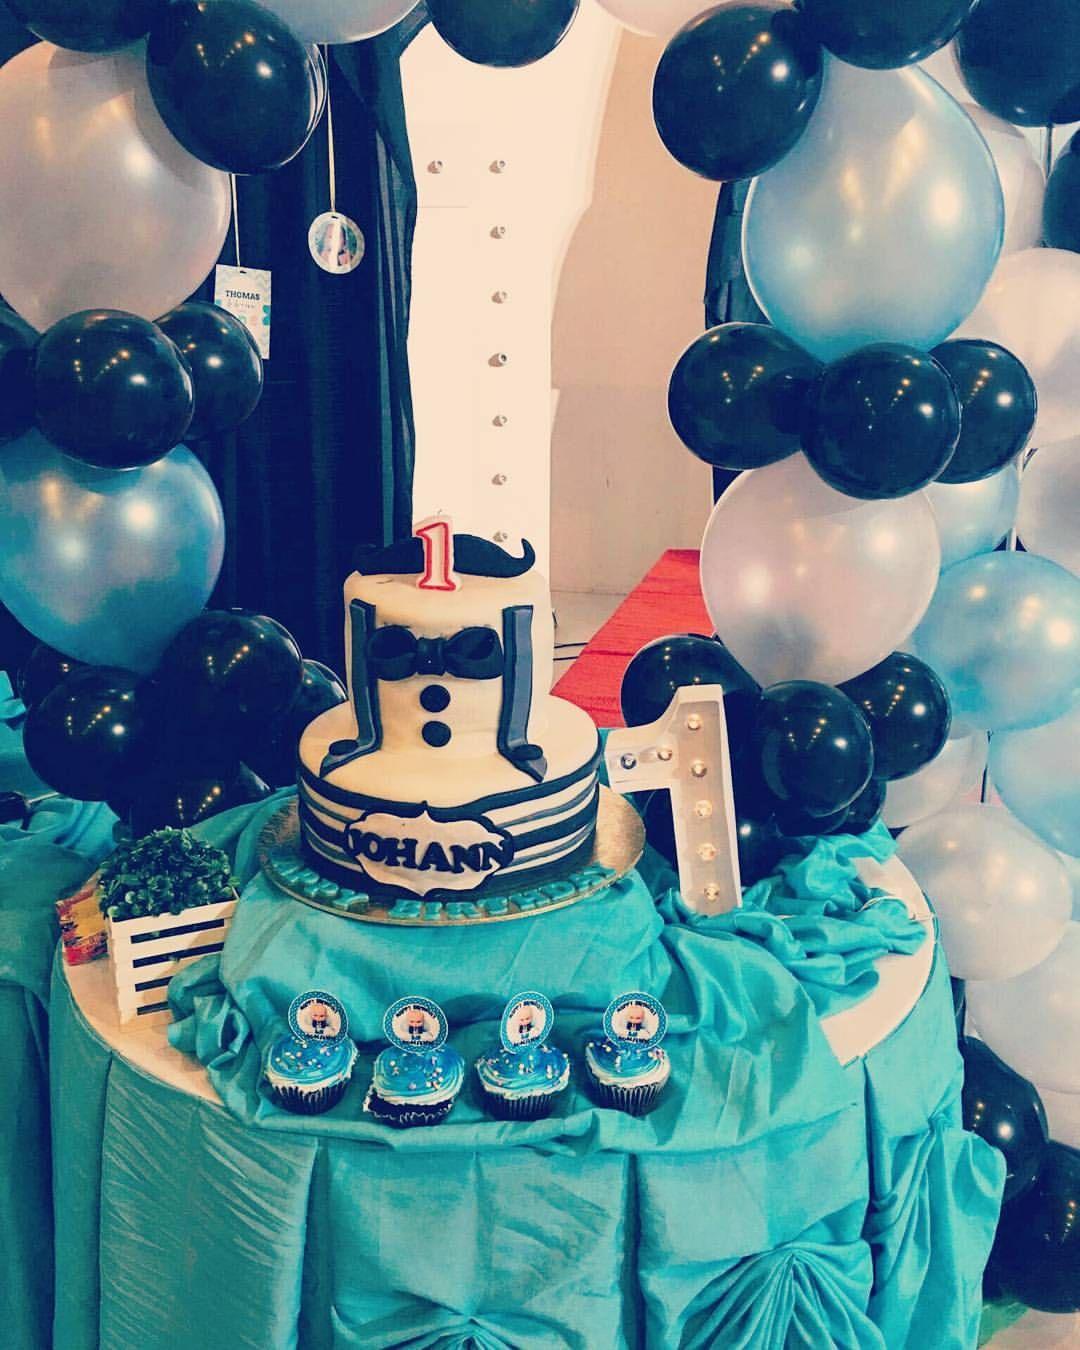 Bossjohann bossbabyparty baby party boss baby cake pops